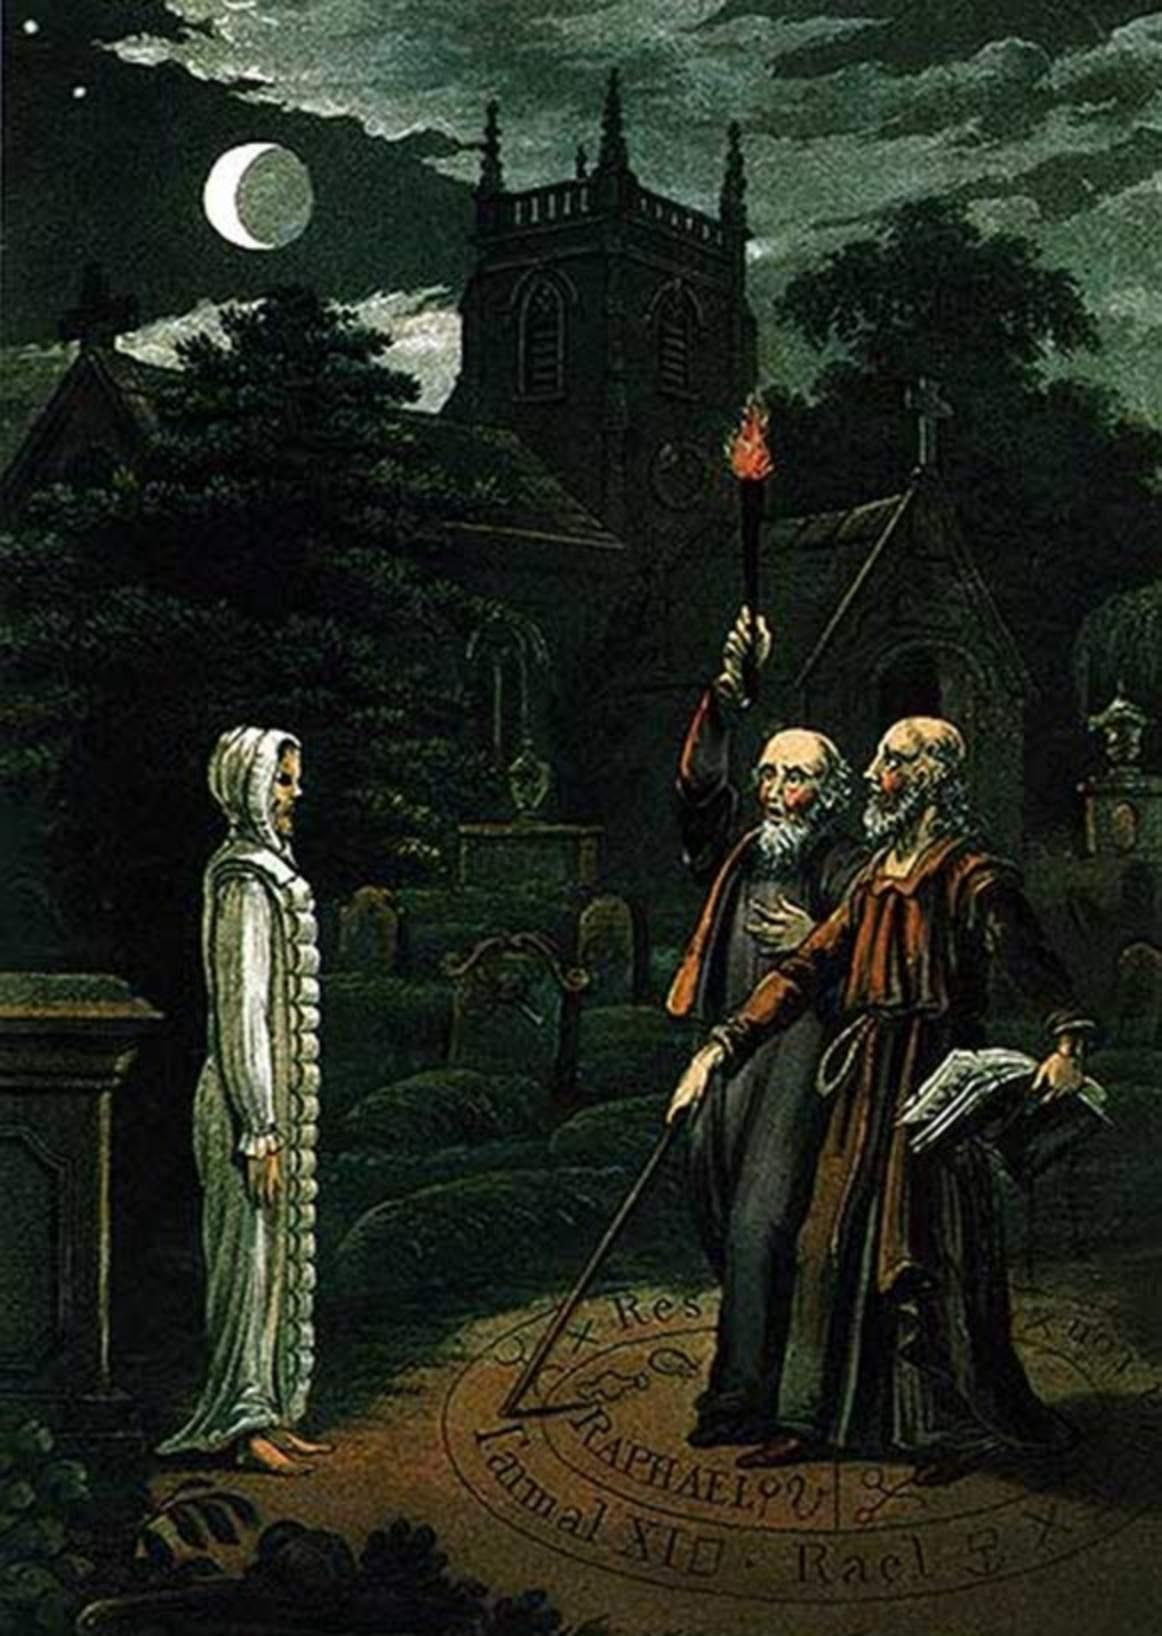 Enochian John Dee and Edward Kelley